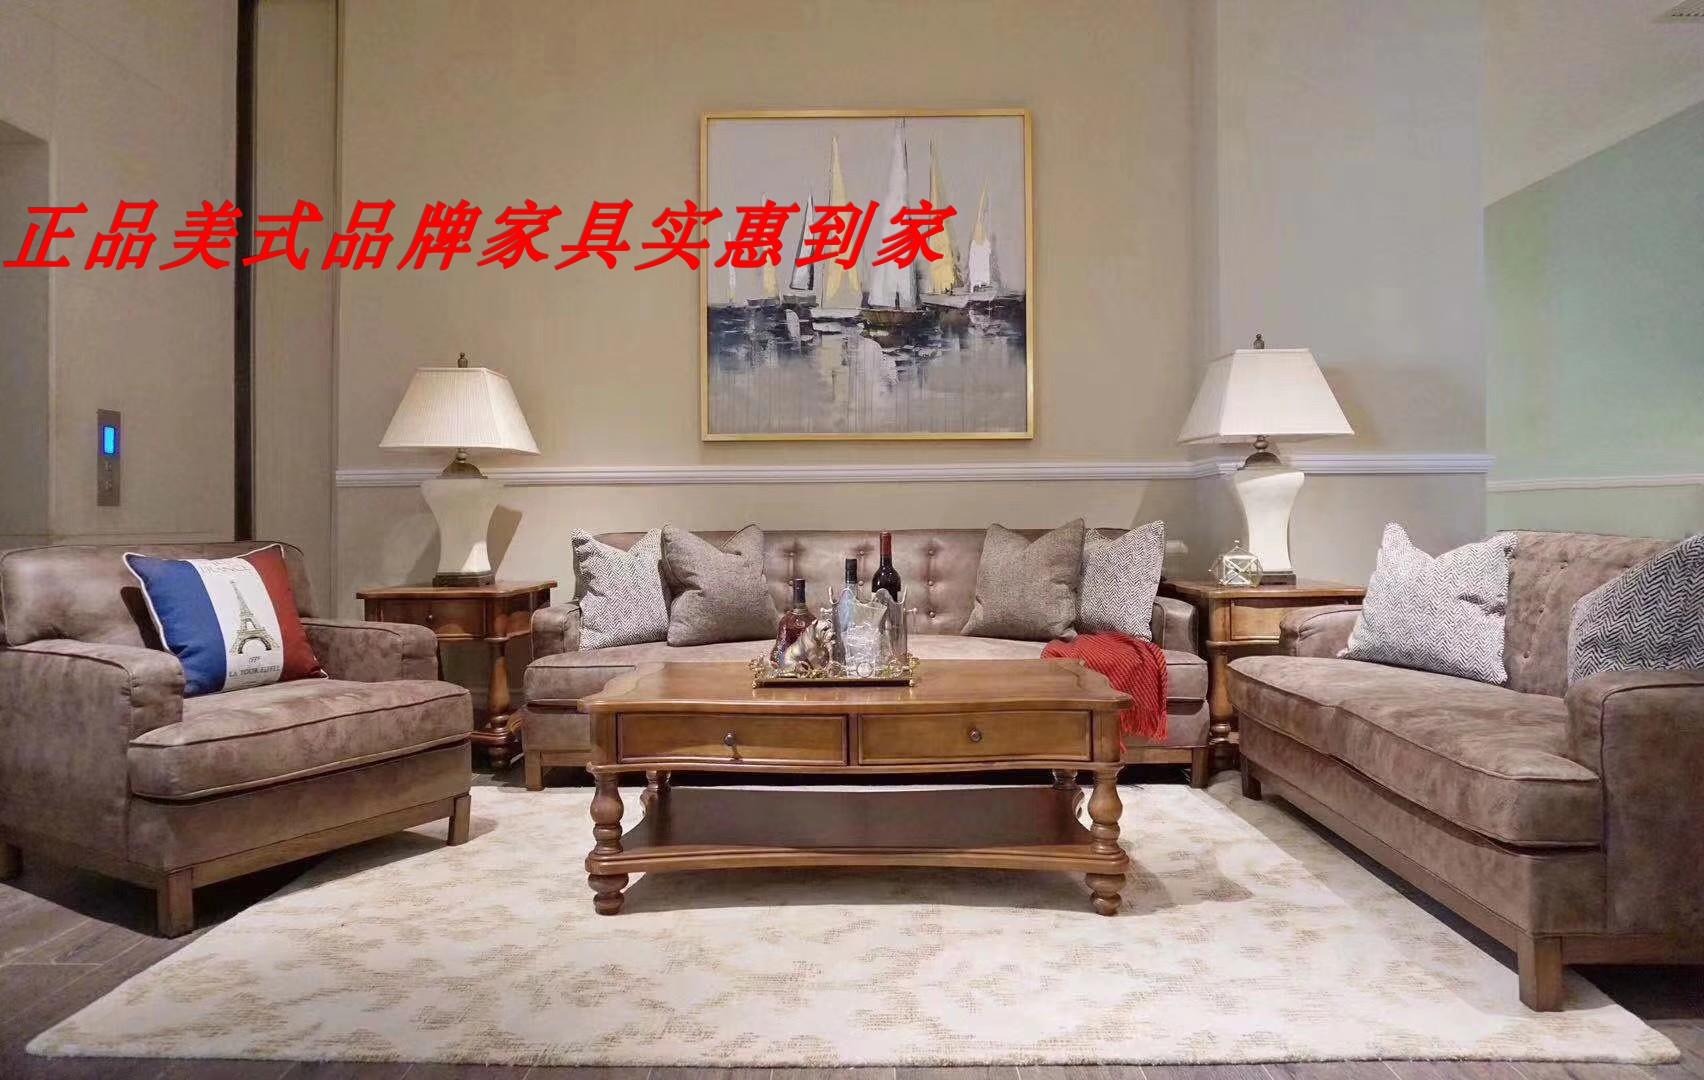 Nội thất thương hiệu Mỹ nhà tình yêu Mỹ Li hiện đại vải ba người sofa phòng khách sofa giường U62900 - Ghế sô pha